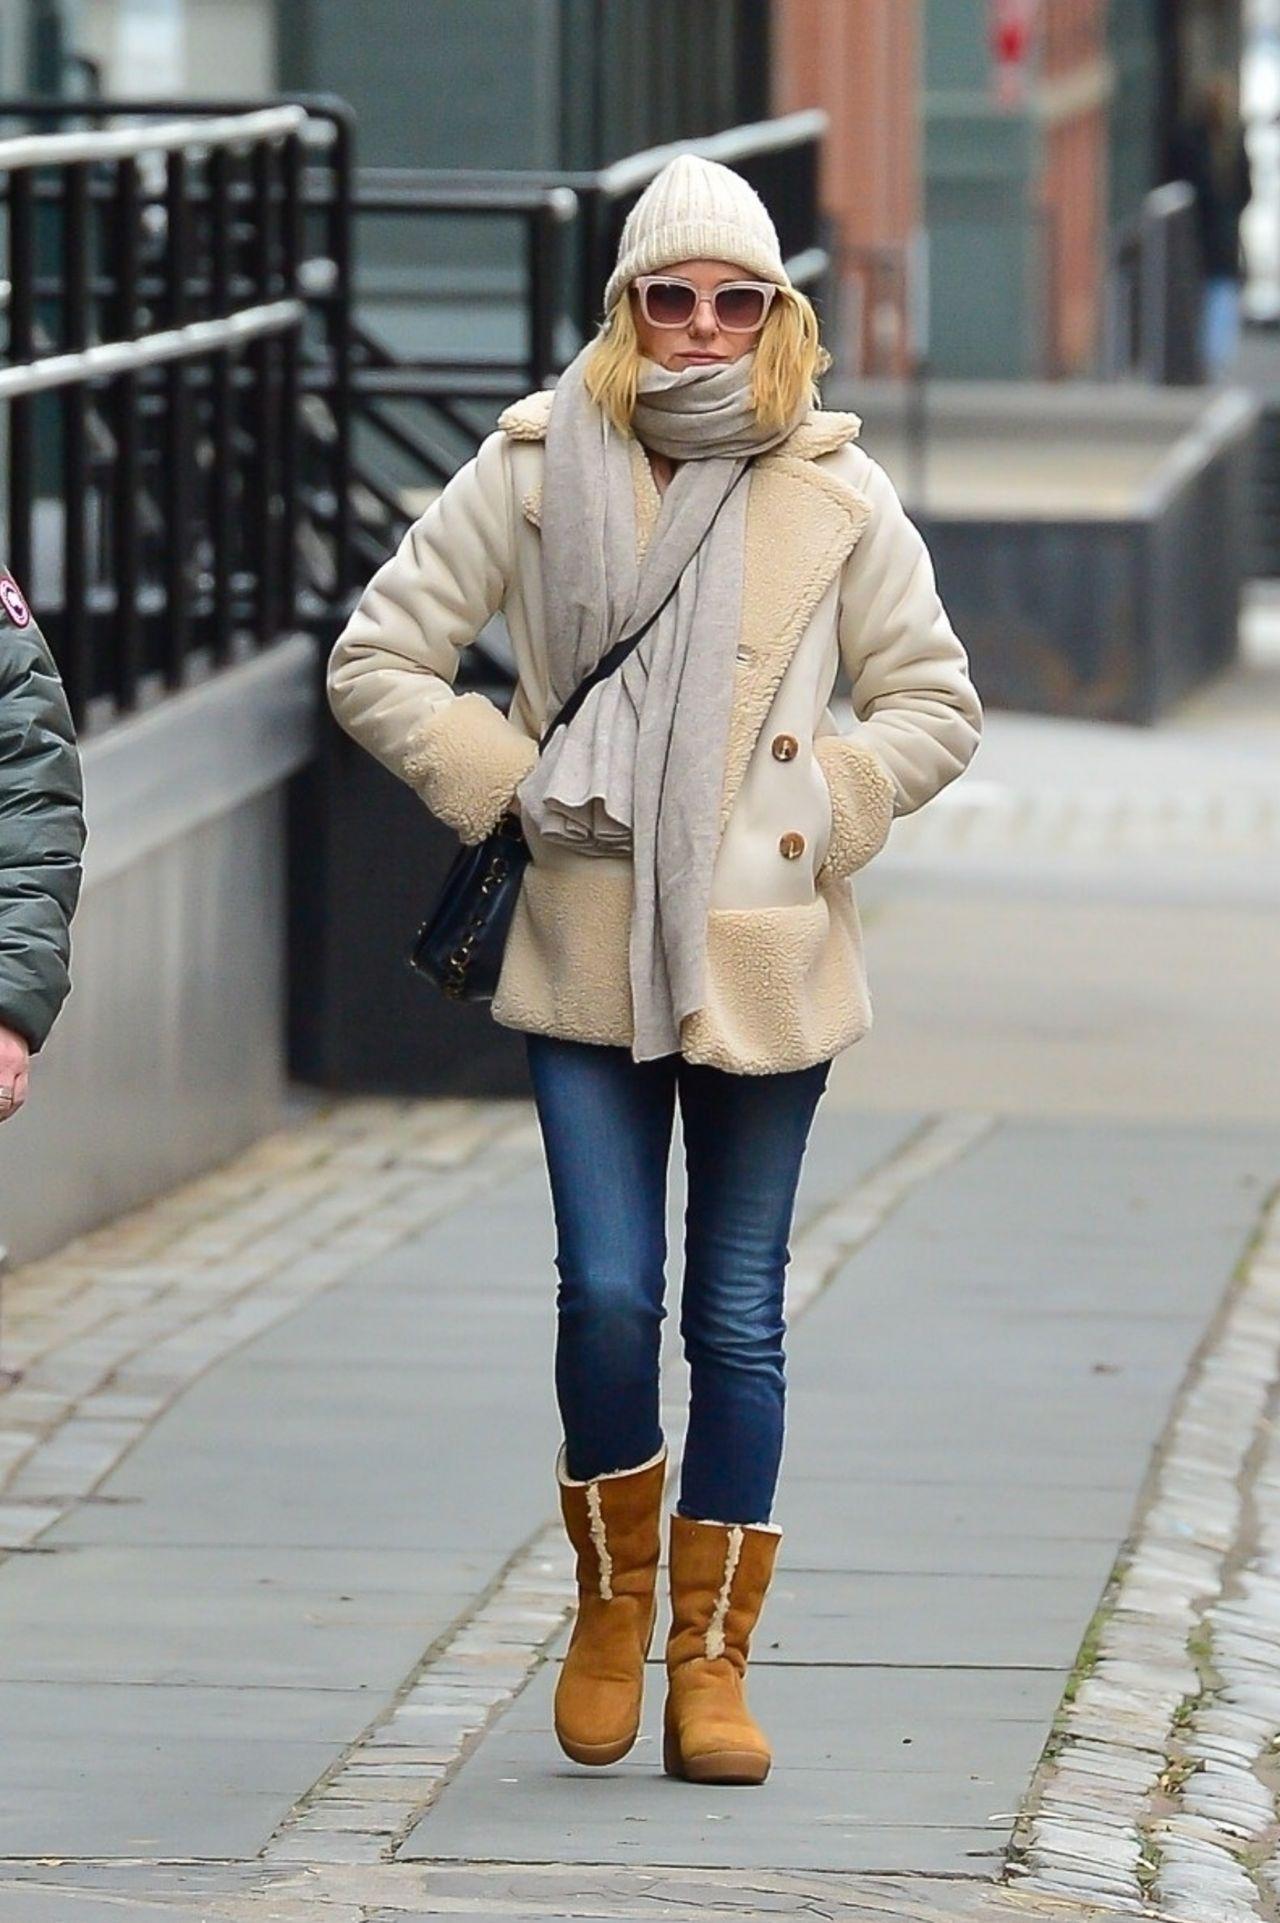 Die 20 Besten Wintermode Trends Wintermode Wintermode 2020 2021 Wintermode Fra In 2020 Fashion Trends Winter Fall Winter Fashion Trends Street Style Women Summer